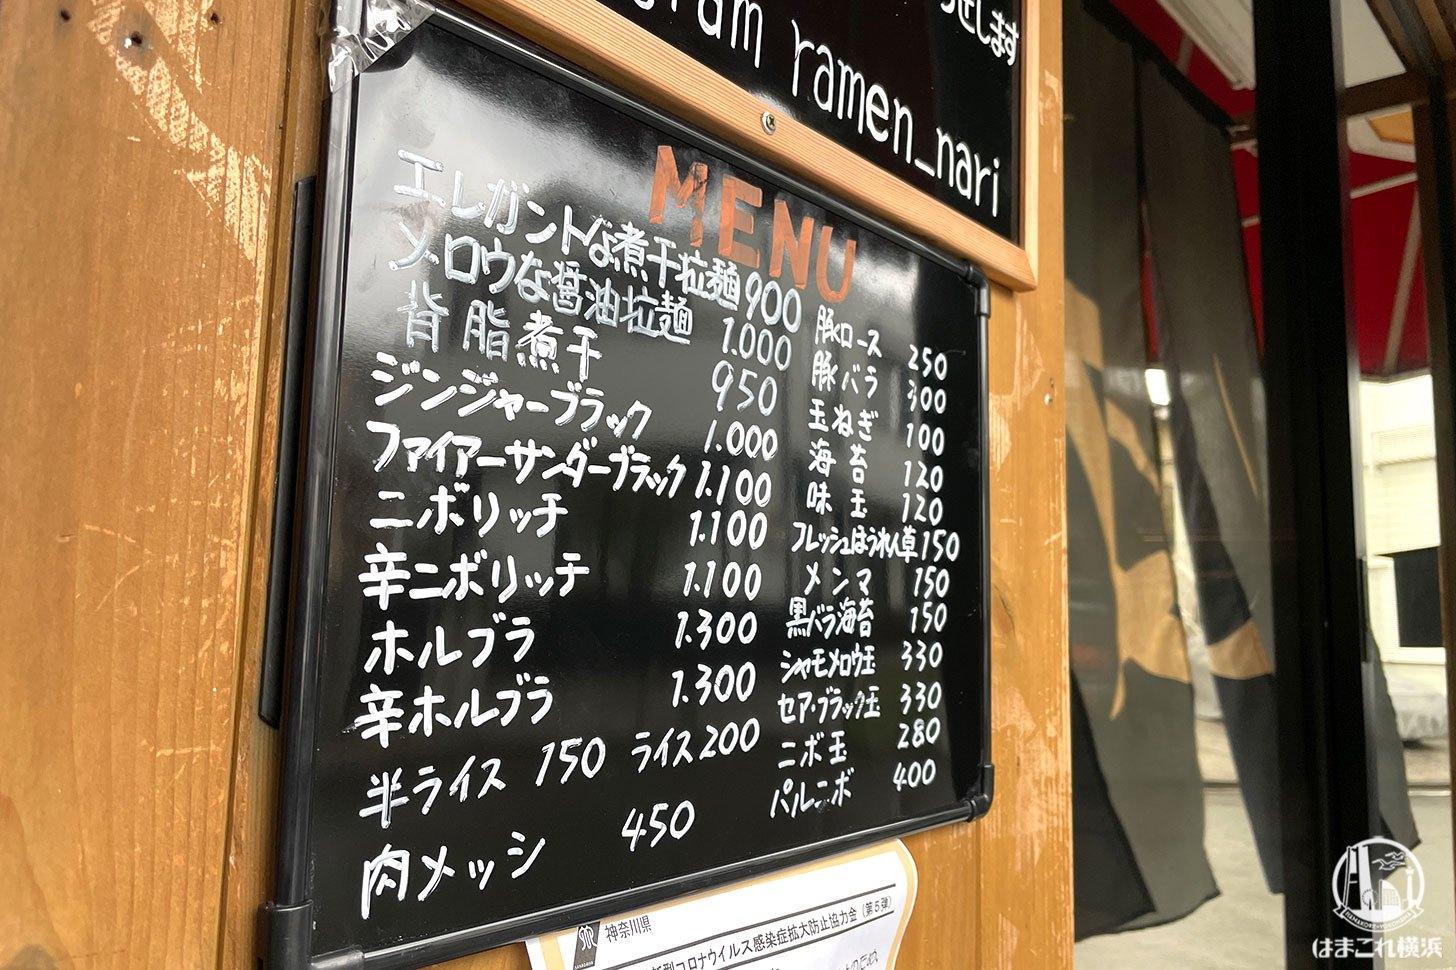 拉麺成(なり)メニュー